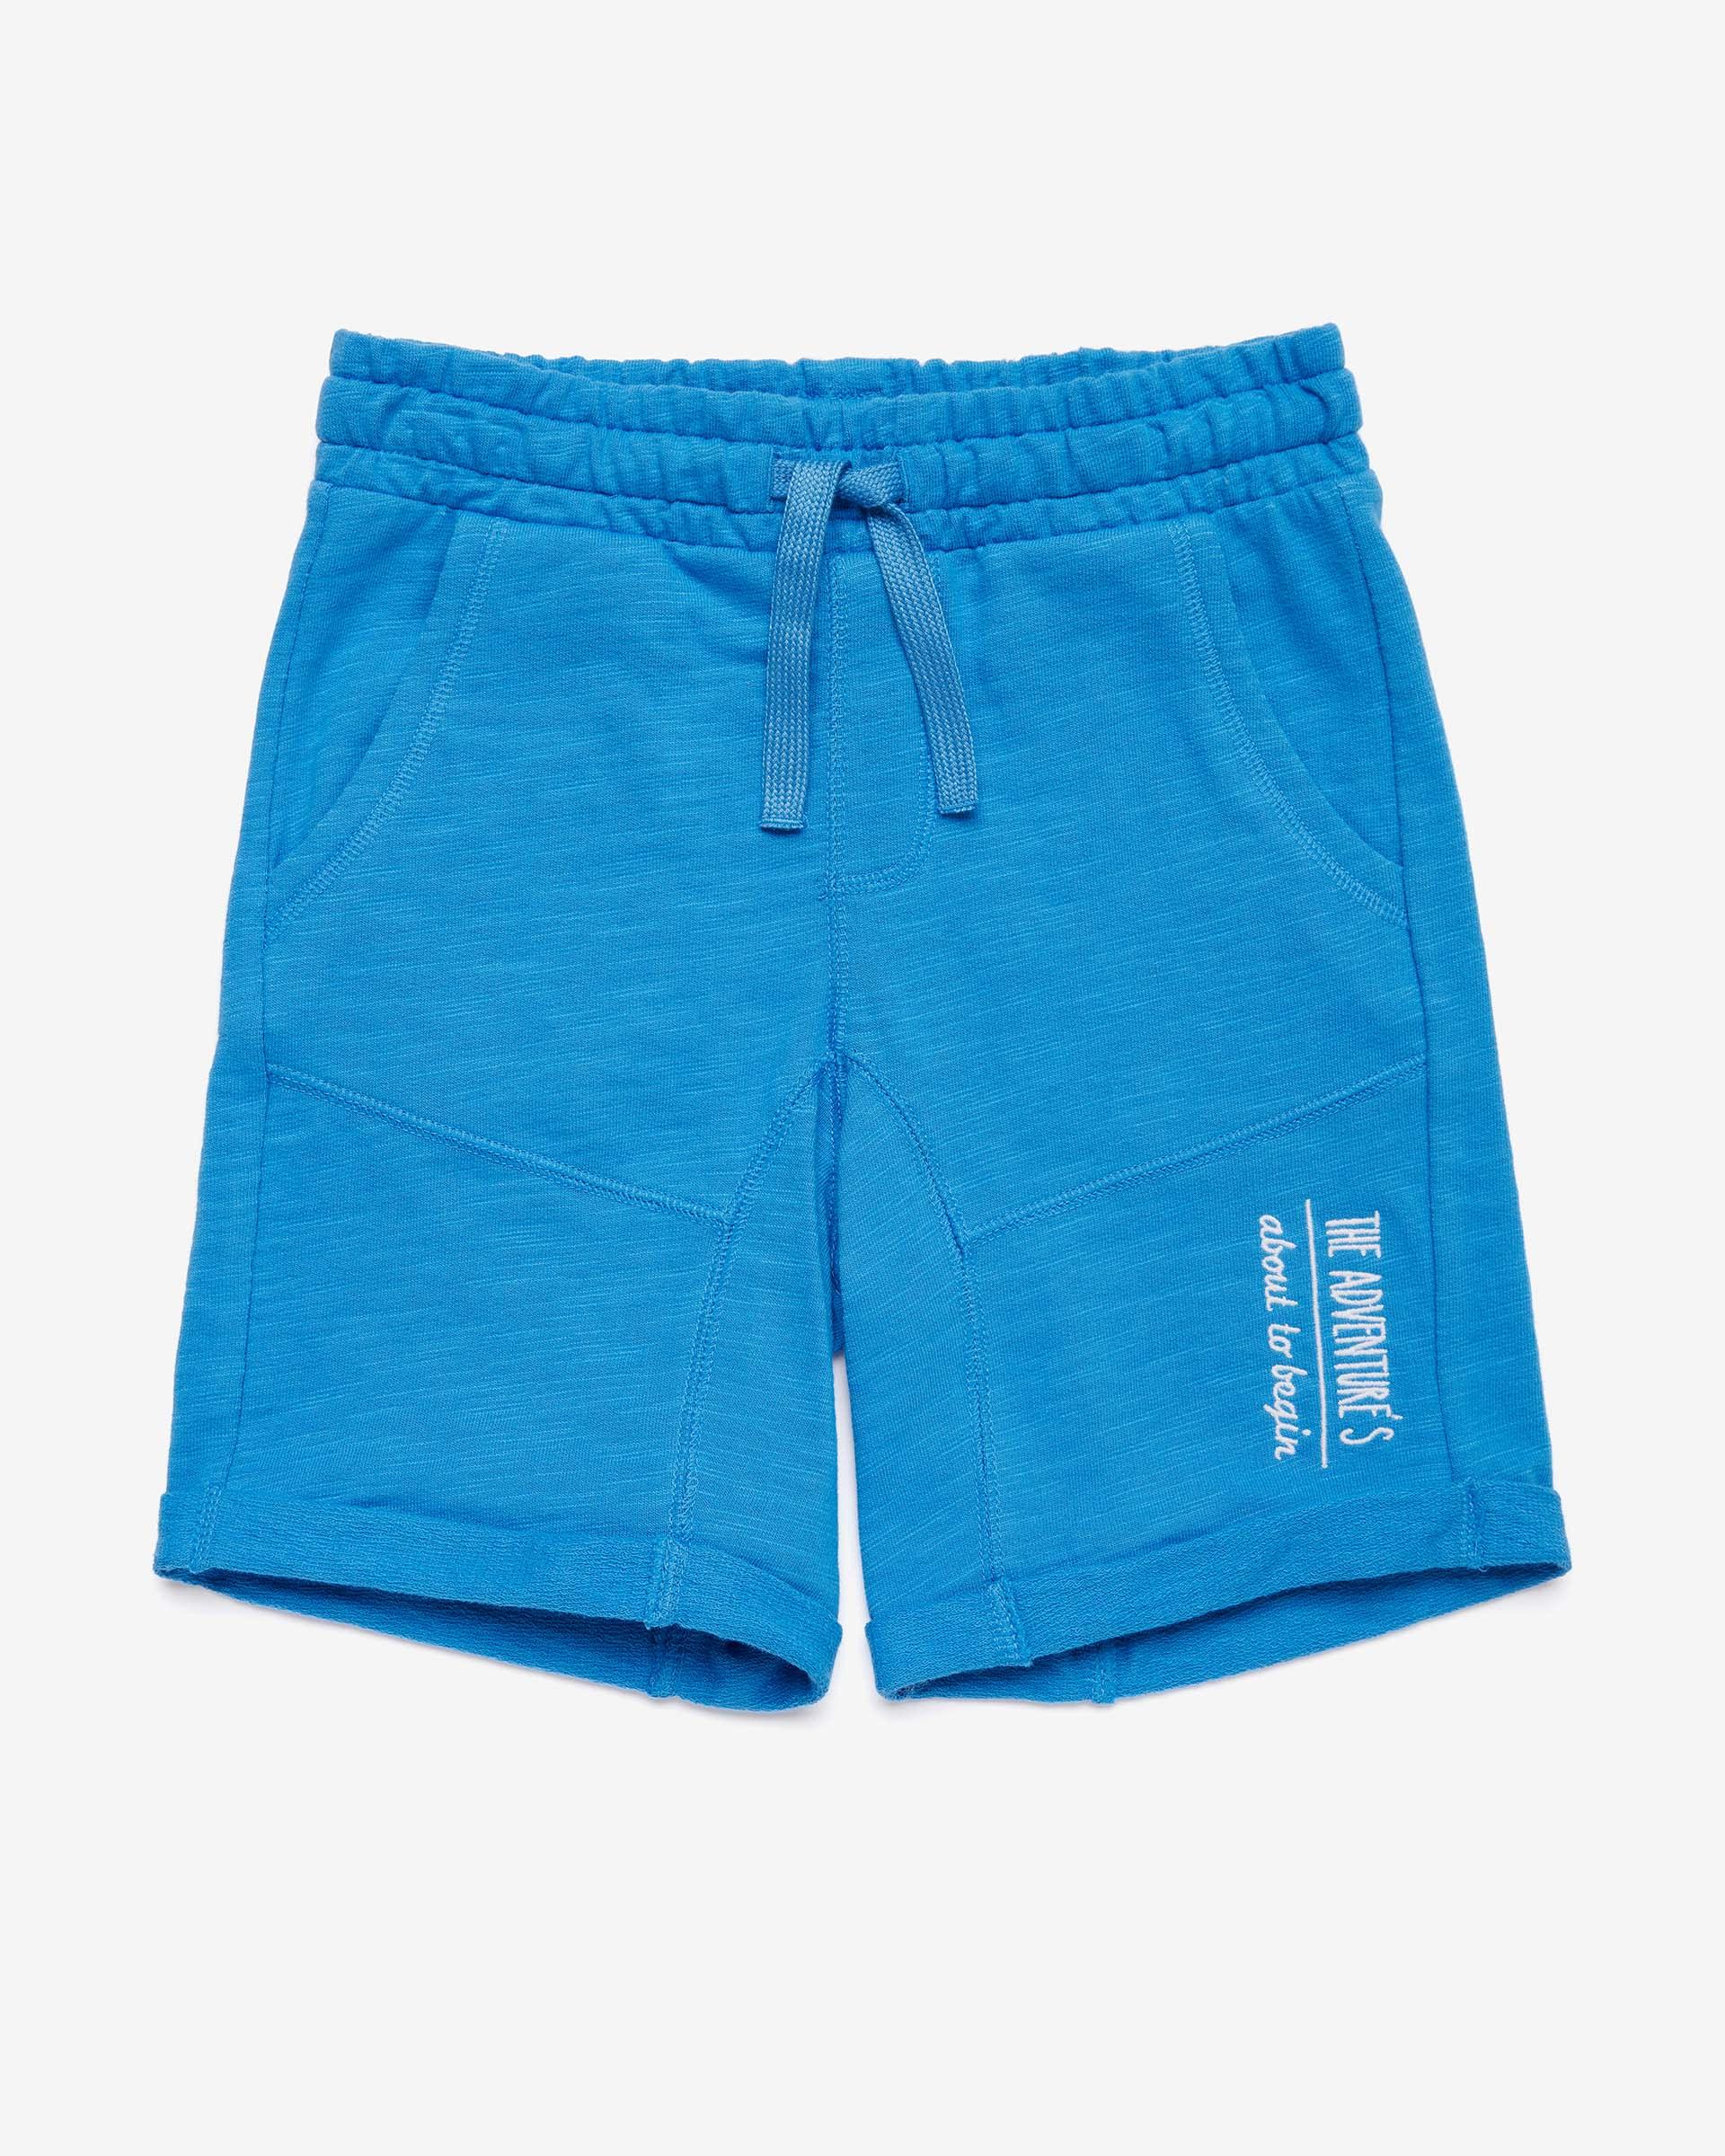 Купить 20P_3QC9I0048_08A, Спортивные шорты для мальчиков Benetton 3QC9I0048_08A р-р 140, United Colors of Benetton, Шорты для мальчиков